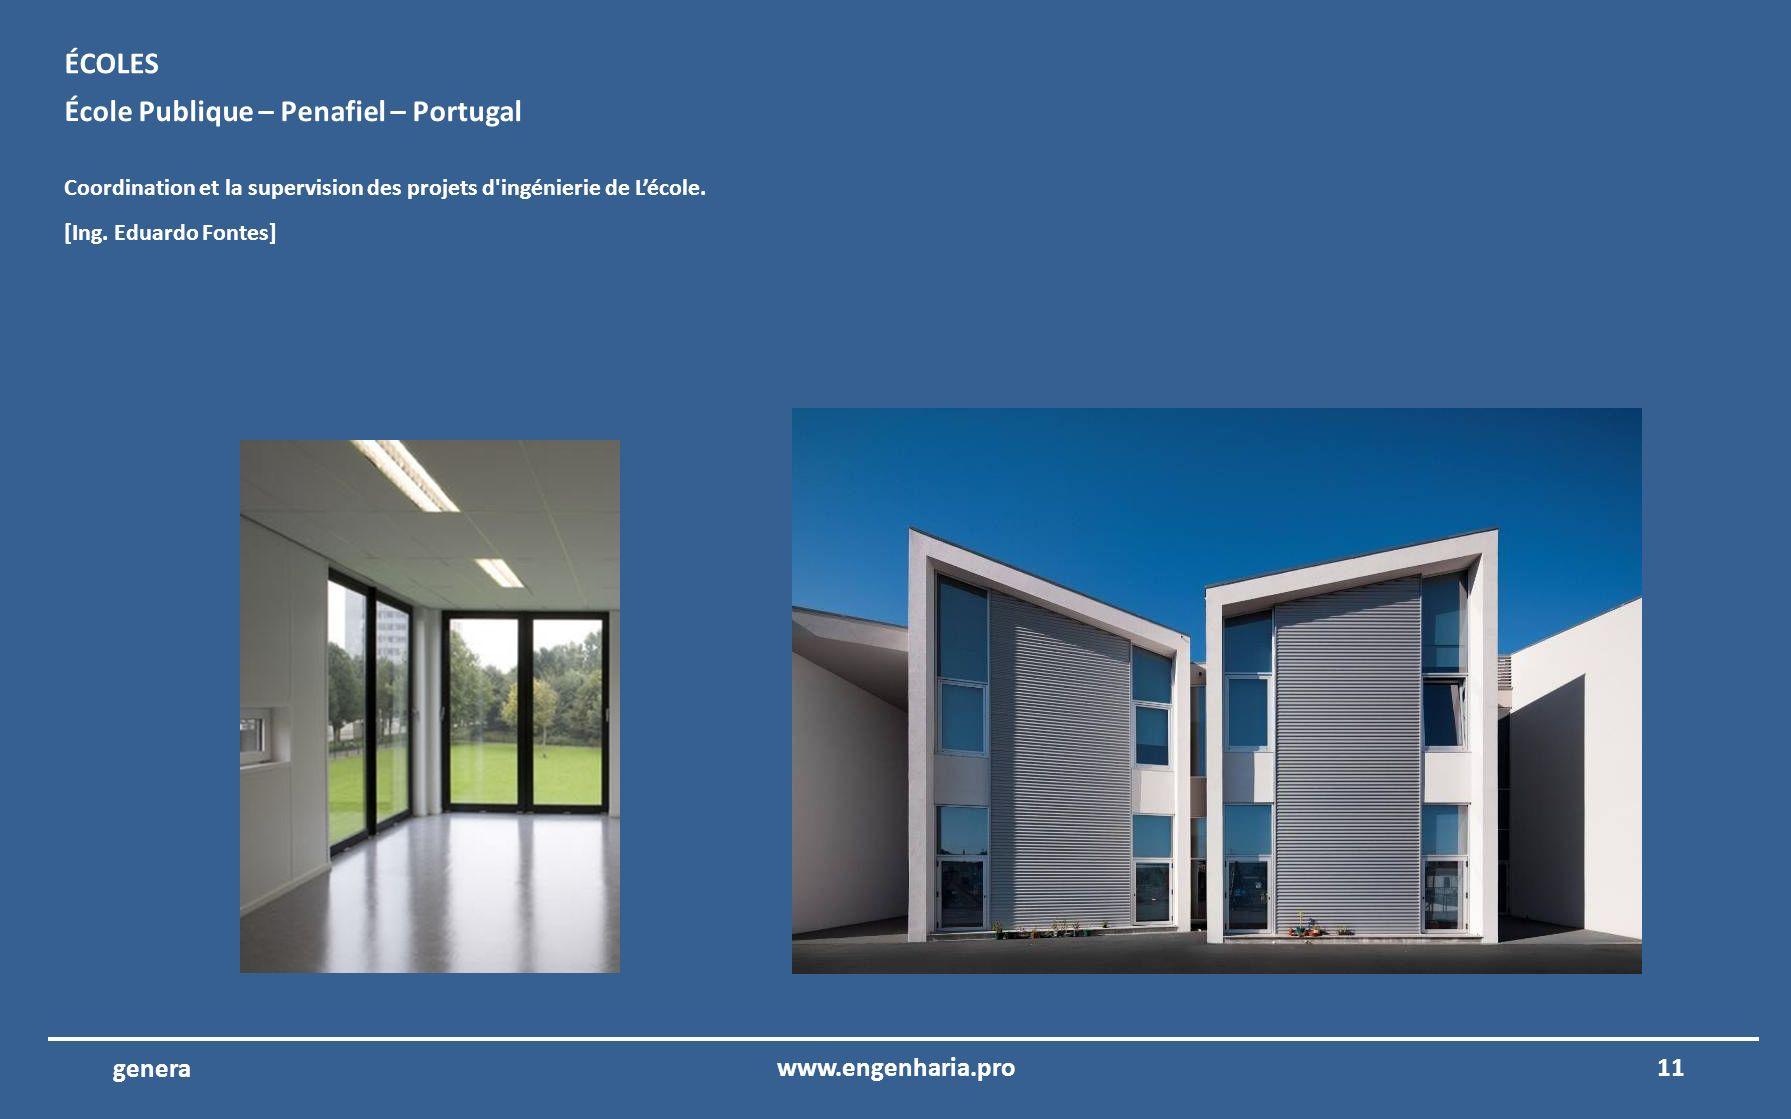 10www.engenharia.pro genera LHôpital de Portimão – Portimão – Portugal Coordination et la supervision des projets d'ingénierie de lHôpital Portimão. S